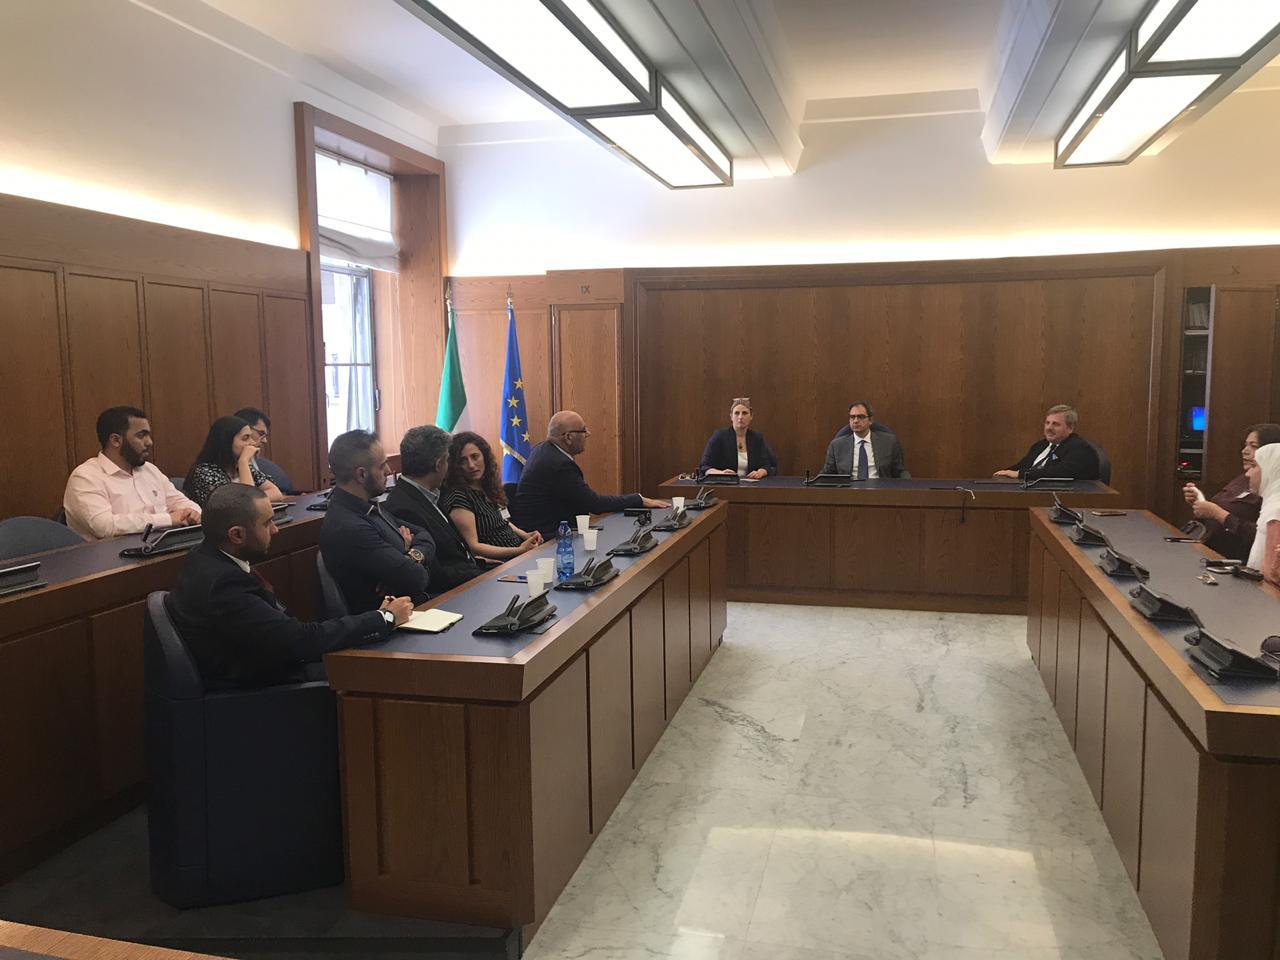 جمعية الصحفيين تشارك في دورة تدريبية عن «حقوق الإنسان» بإيطاليا